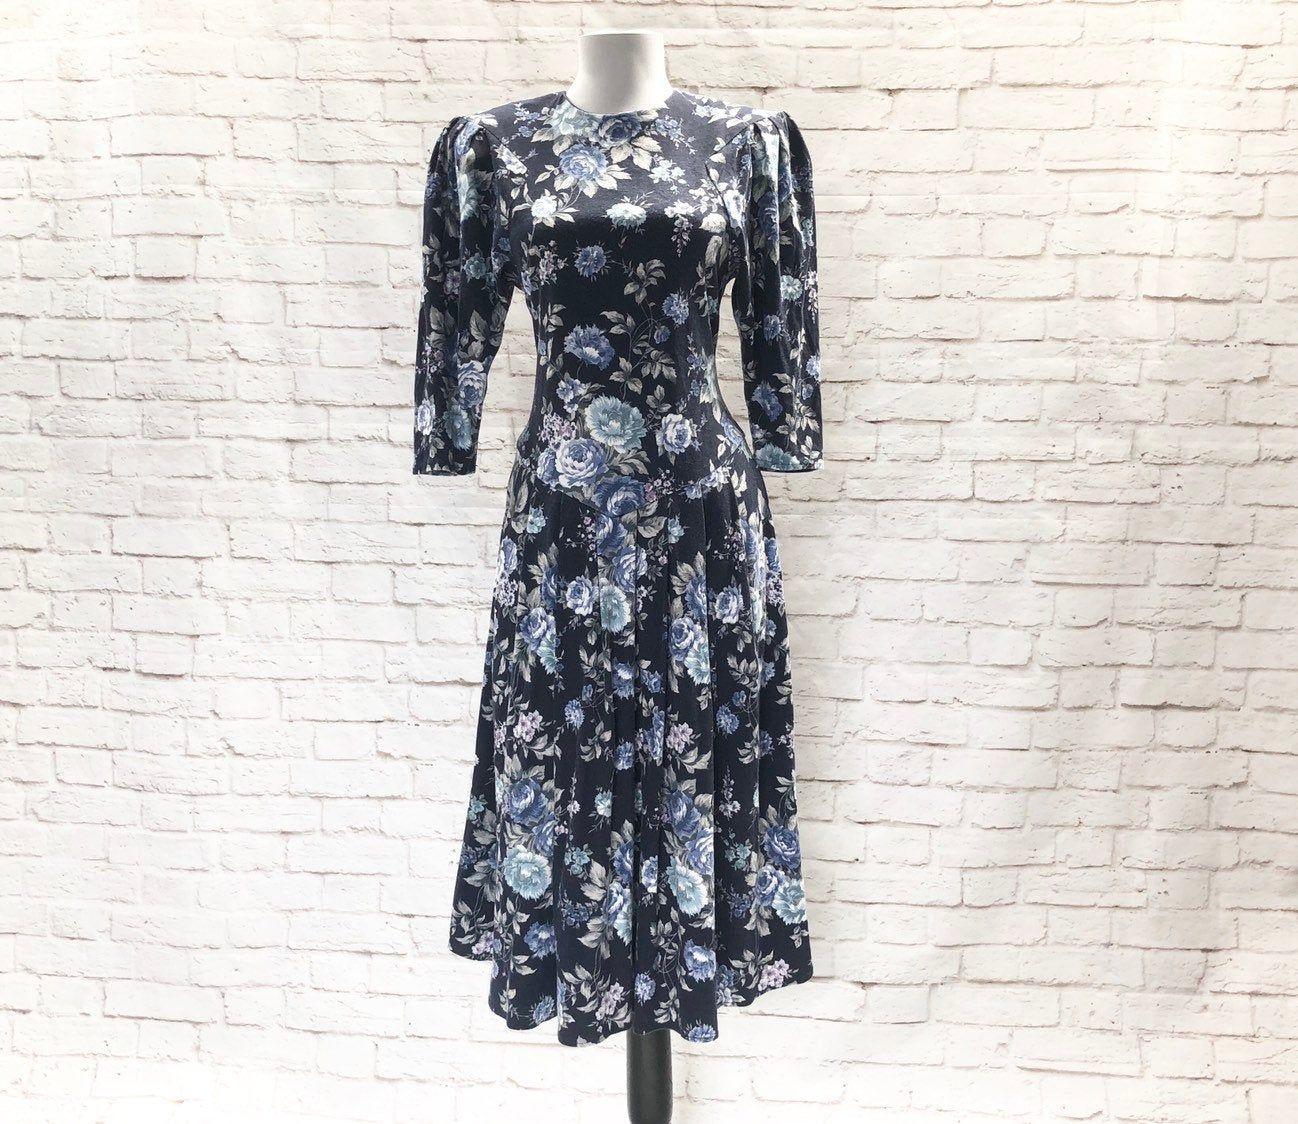 Vintage 80s Blue Tea Floral Puff Sleeve Midi Dress Drop Waist Etsy Dropwaist Dress Dress Drop Puff Sleeve Midi Dresses [ 1124 x 1298 Pixel ]